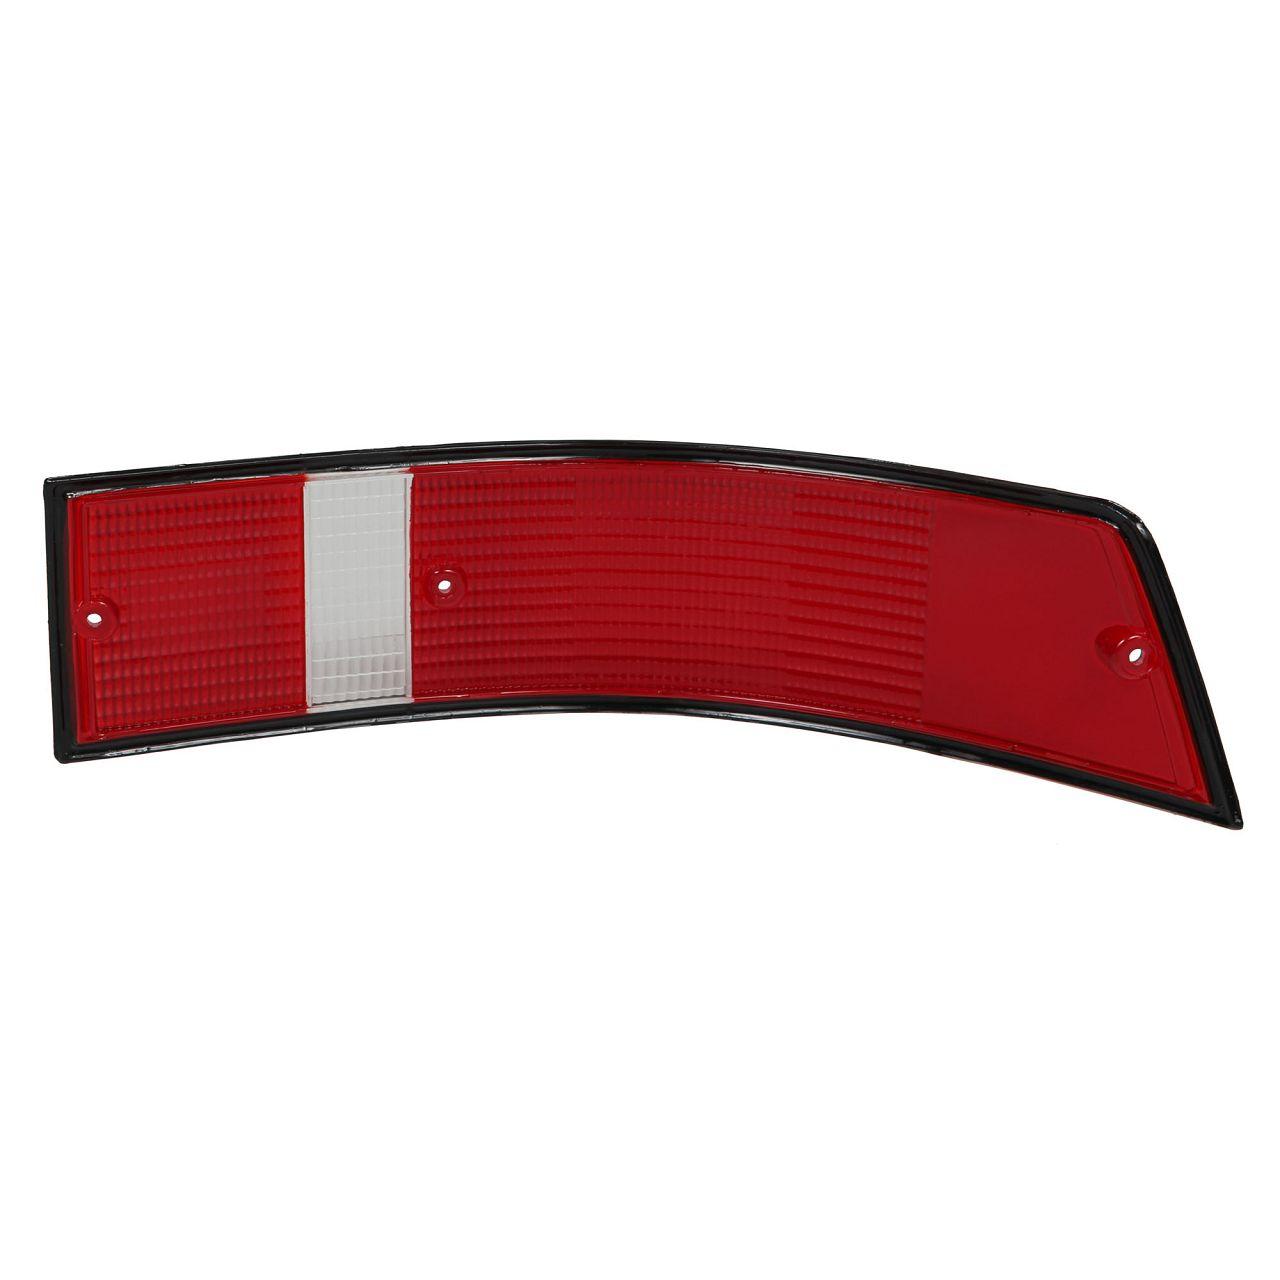 Rücklichtglas SCHWARZ USA-Version für PORSCHE 911 1967-1990 links 91163195100